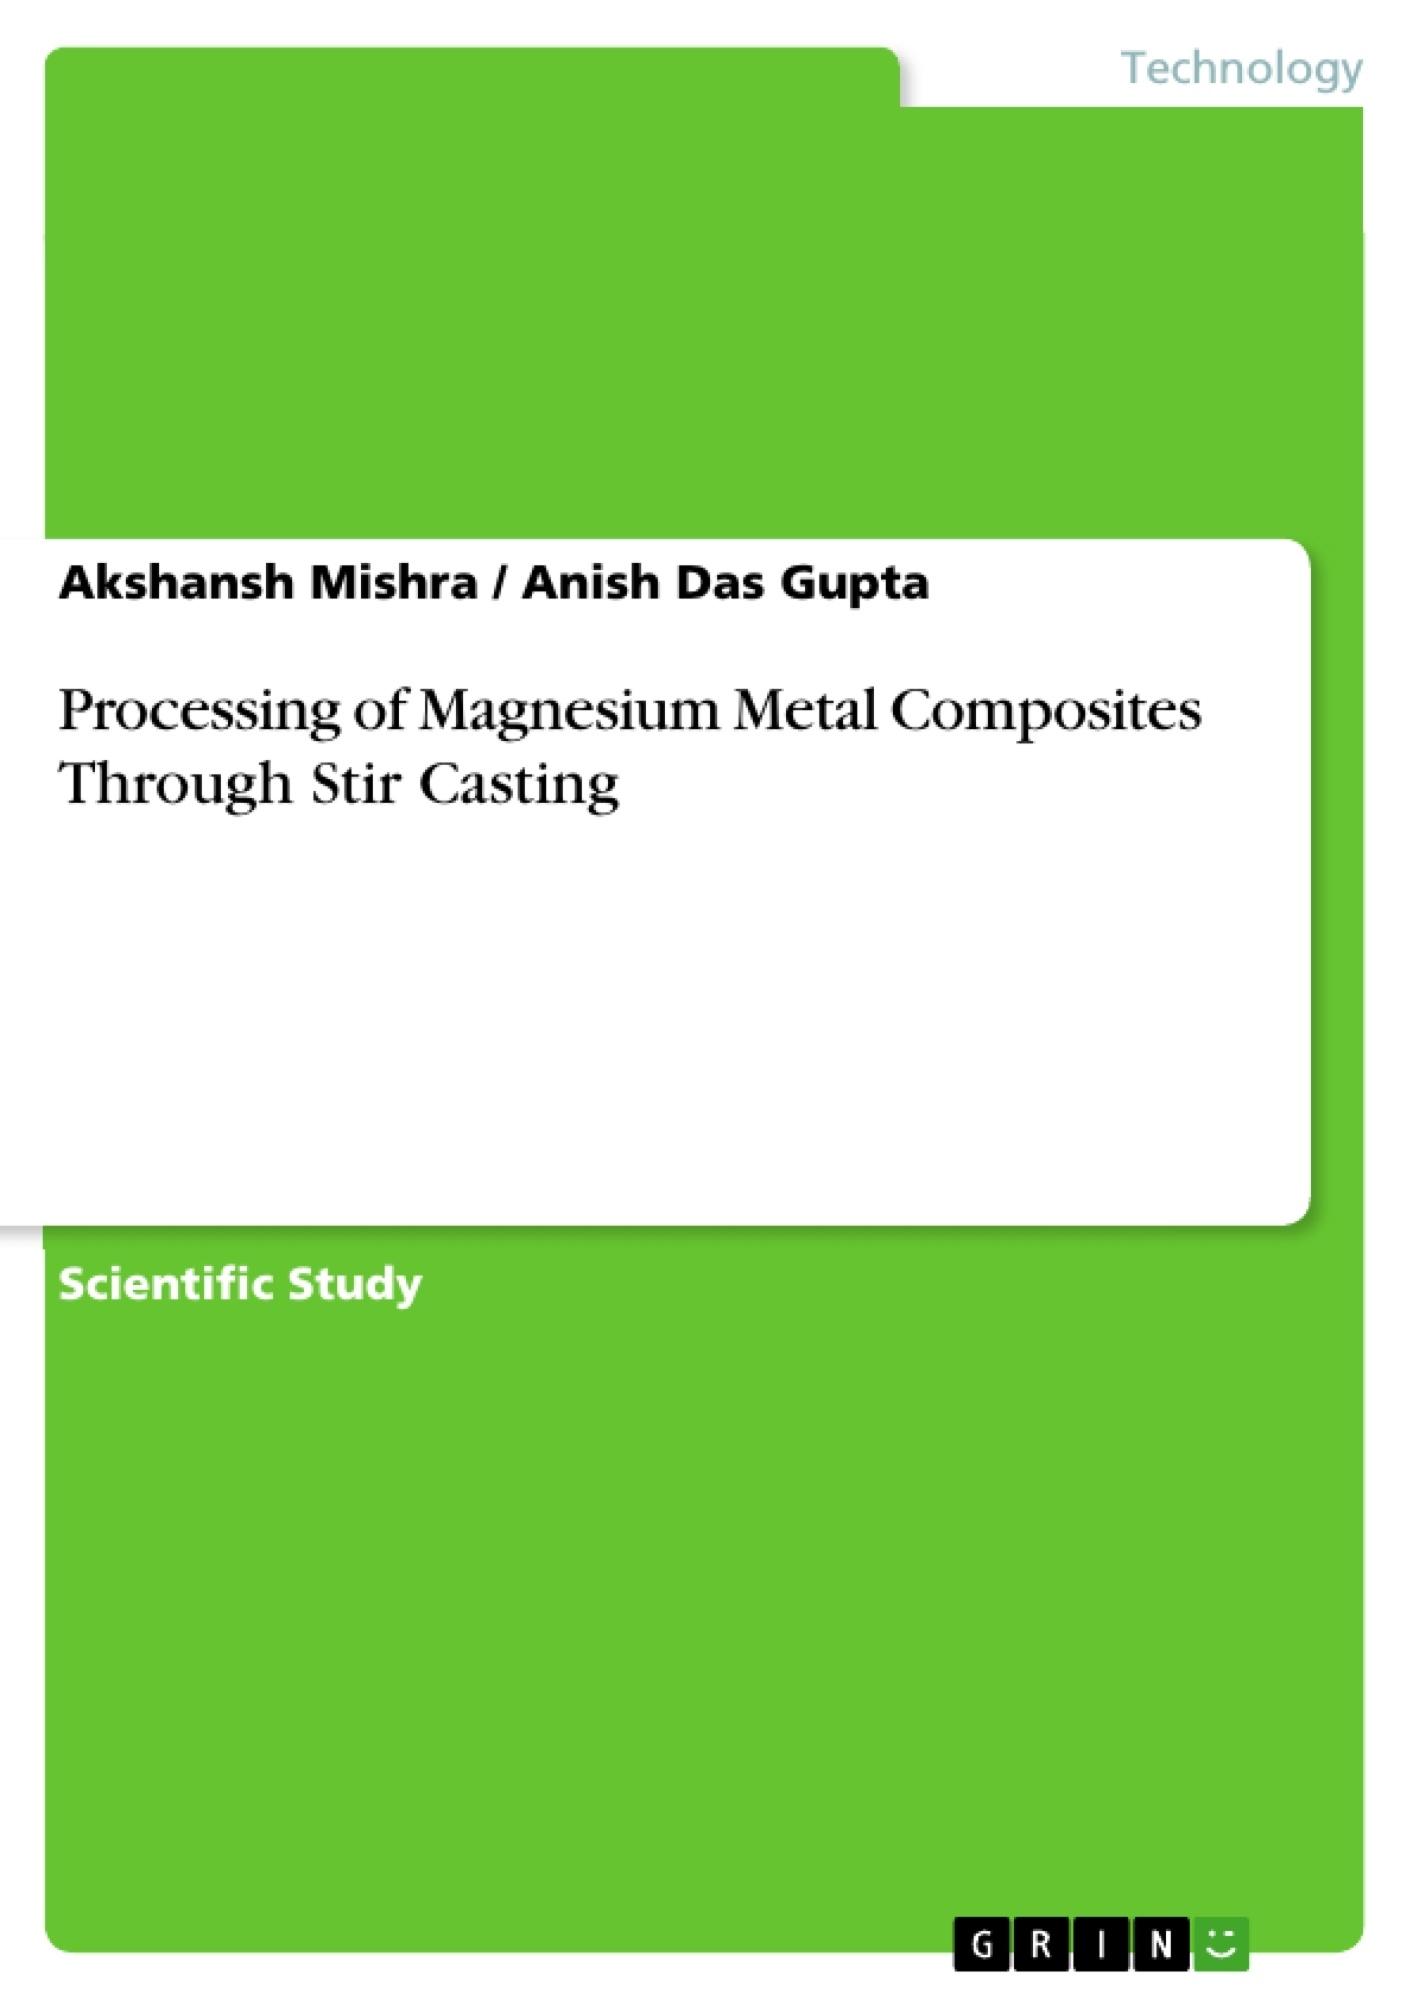 Title: Processing of Magnesium Metal Composites Through Stir Casting